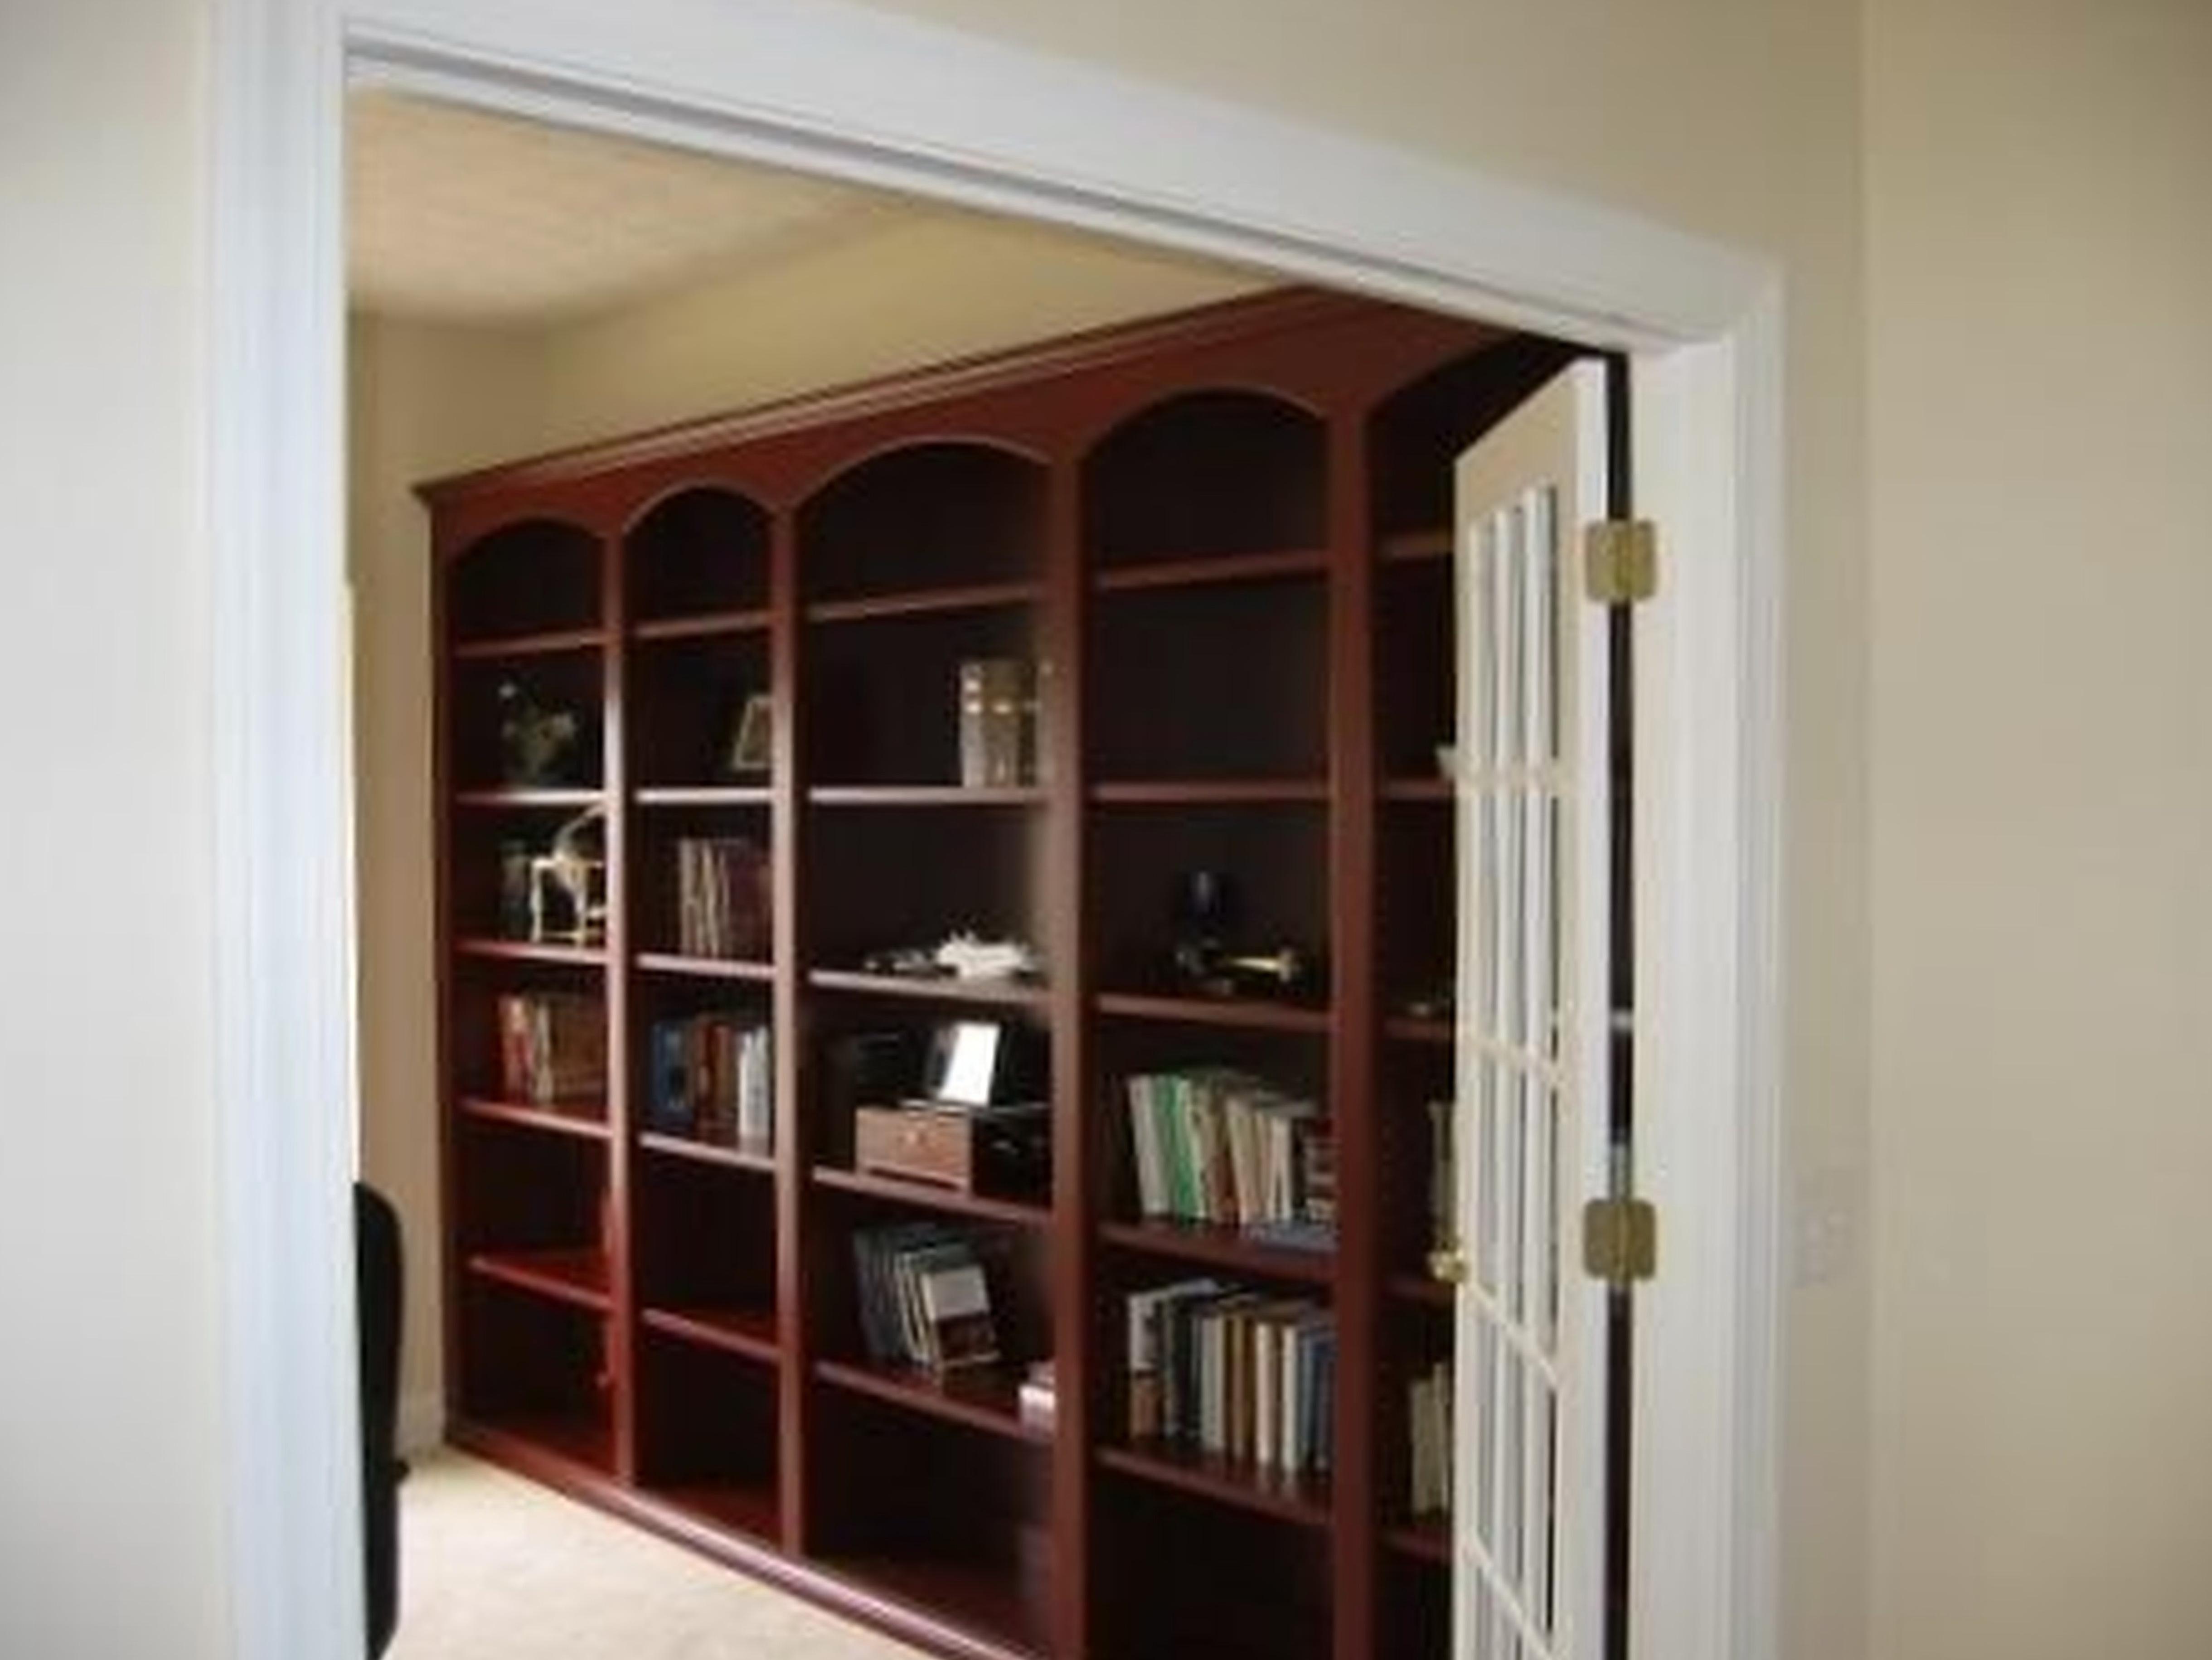 Solid Wood Bookshelf Kit